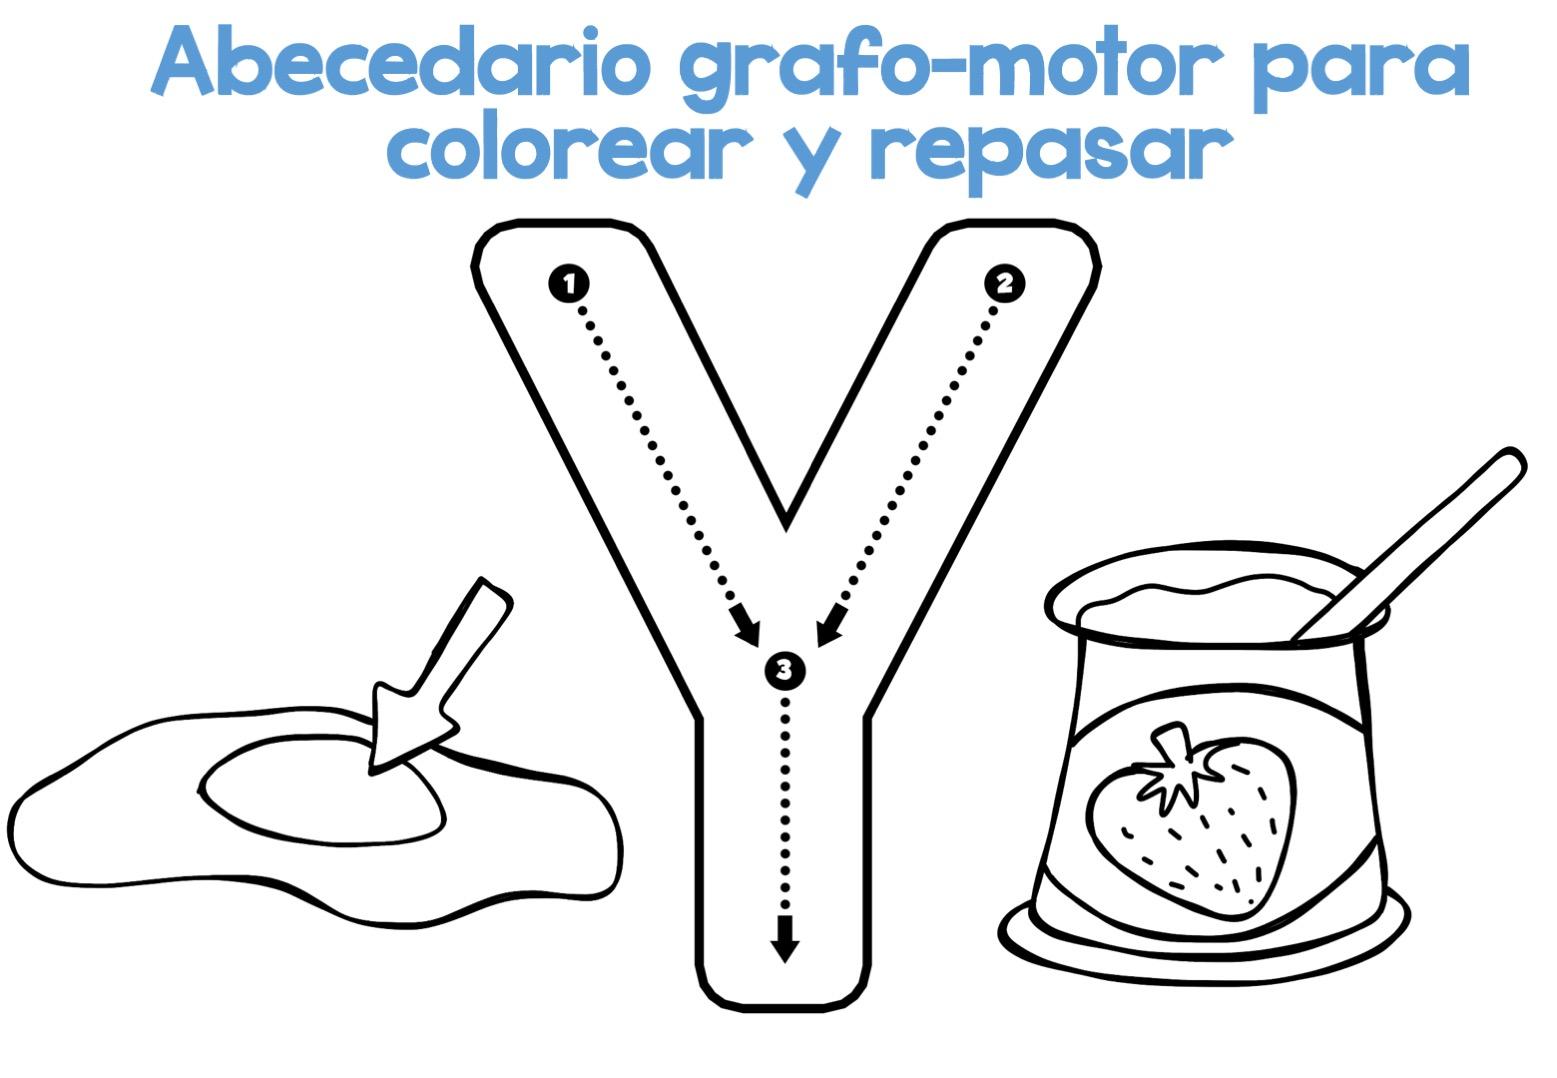 Fichas Del Abecedario Para Colorear Niños De Infantil Y: Completo Abecedario Grafo-motor Para Colorear Y Repasar26